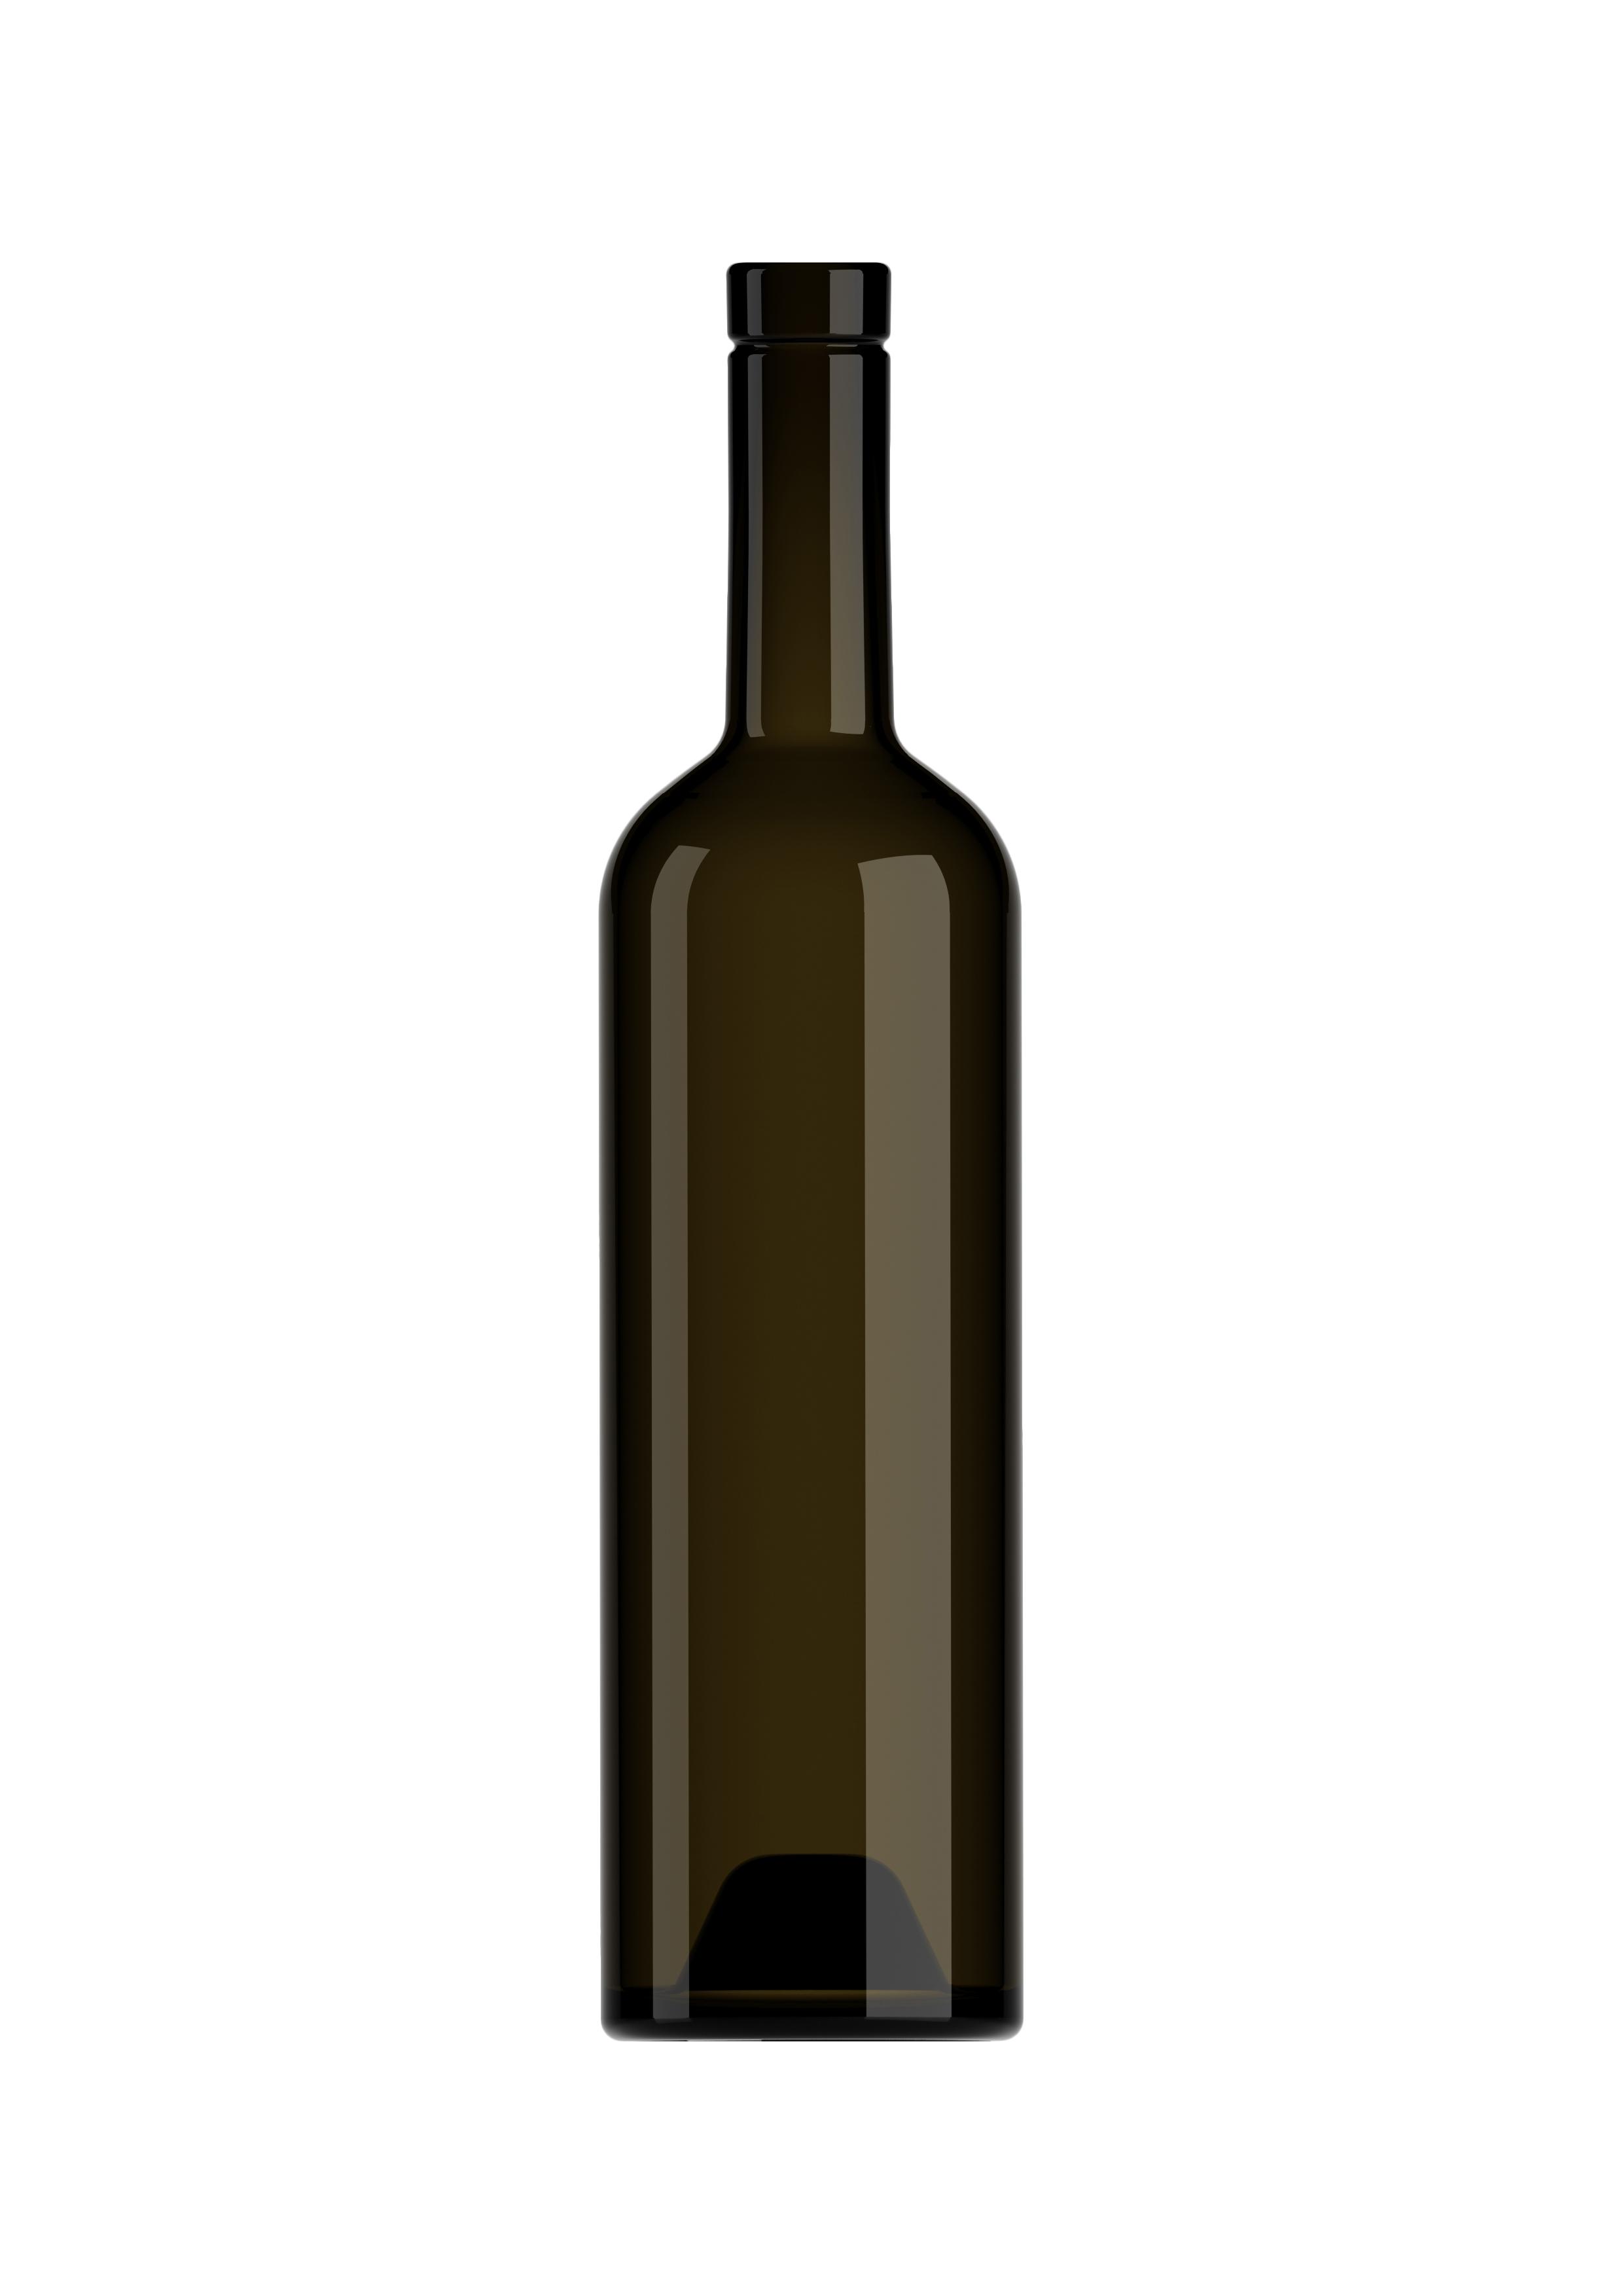 Conosci La Storia Della Bottiglia Bordolese Estal